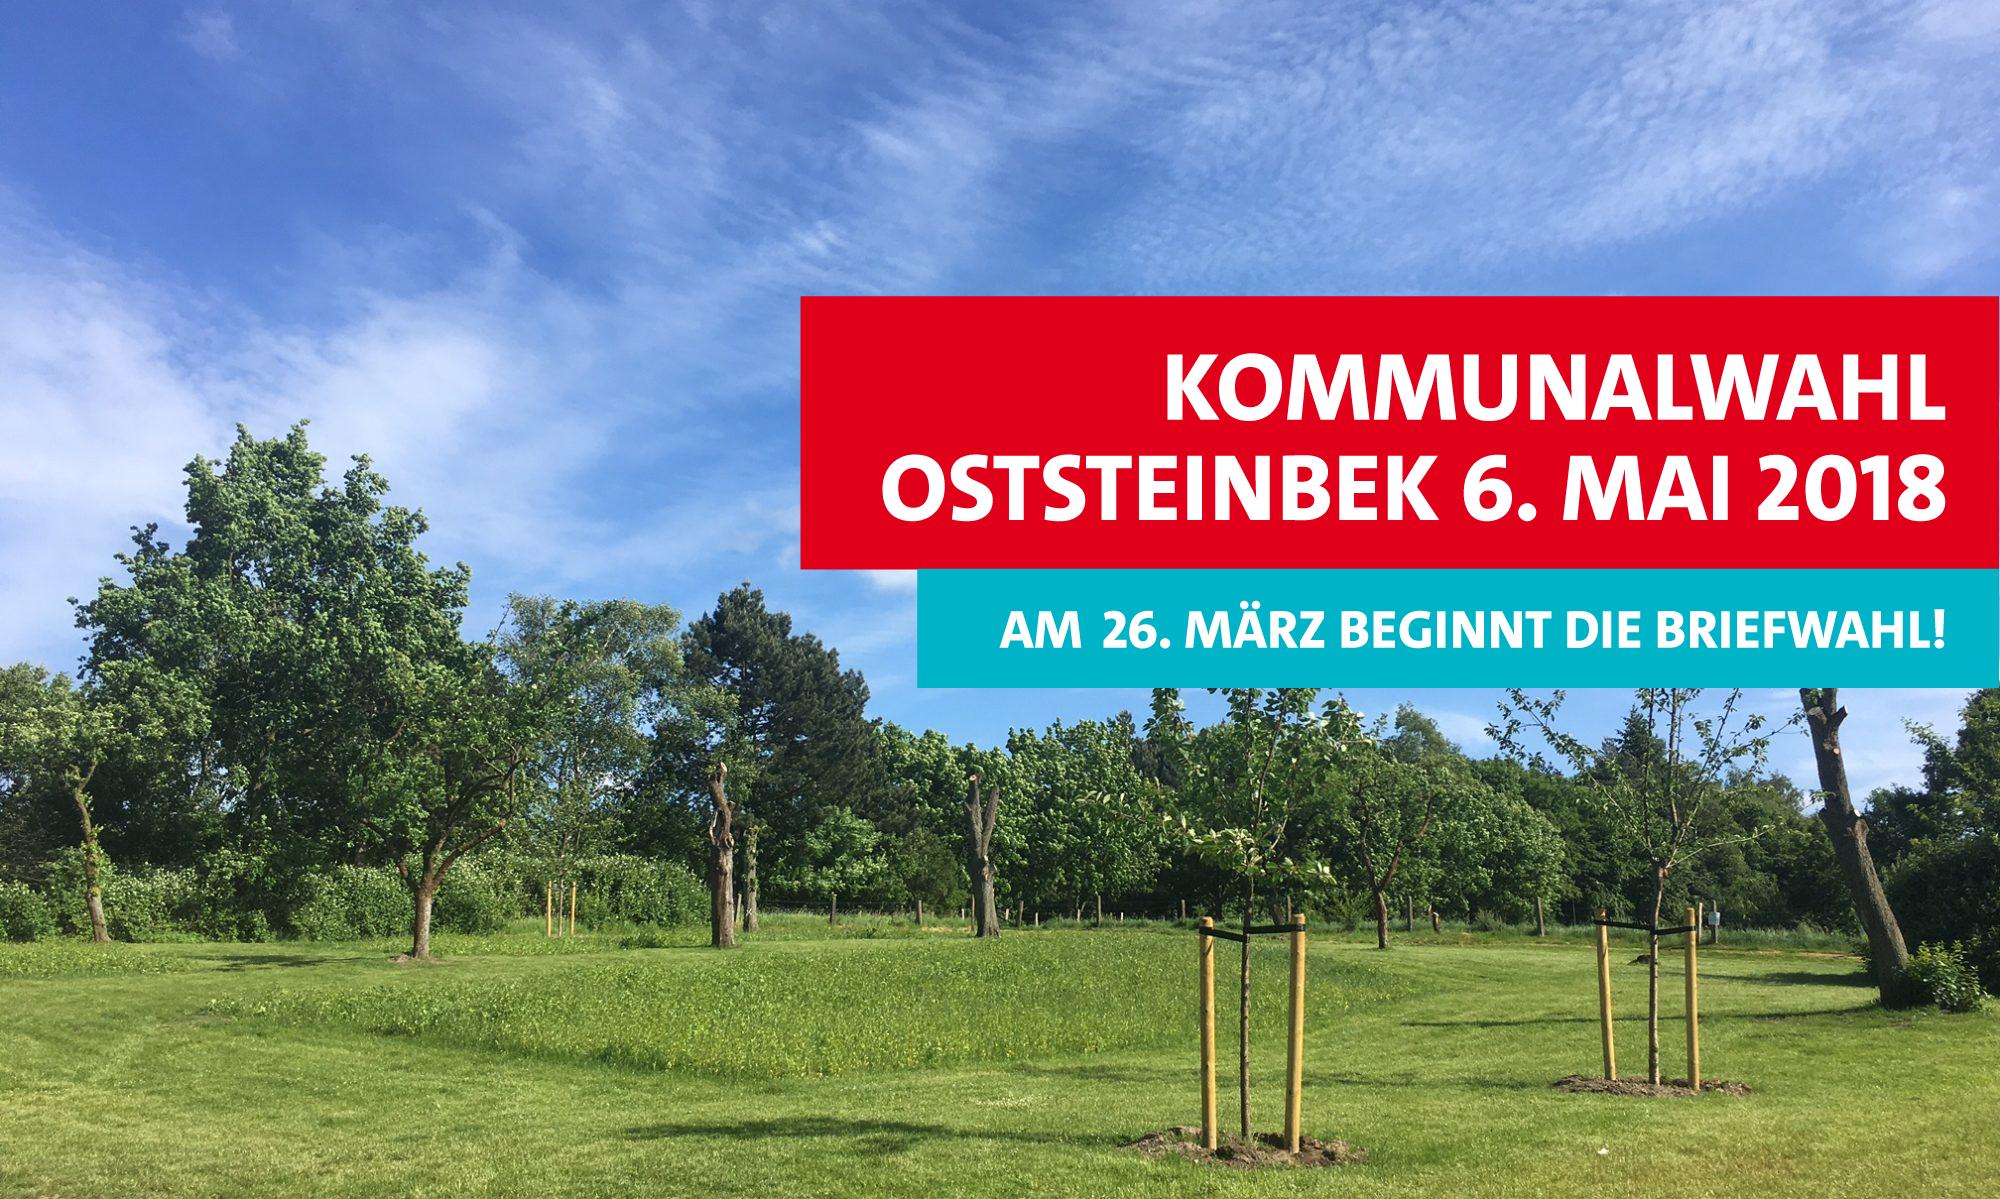 SPD Oststeinbek